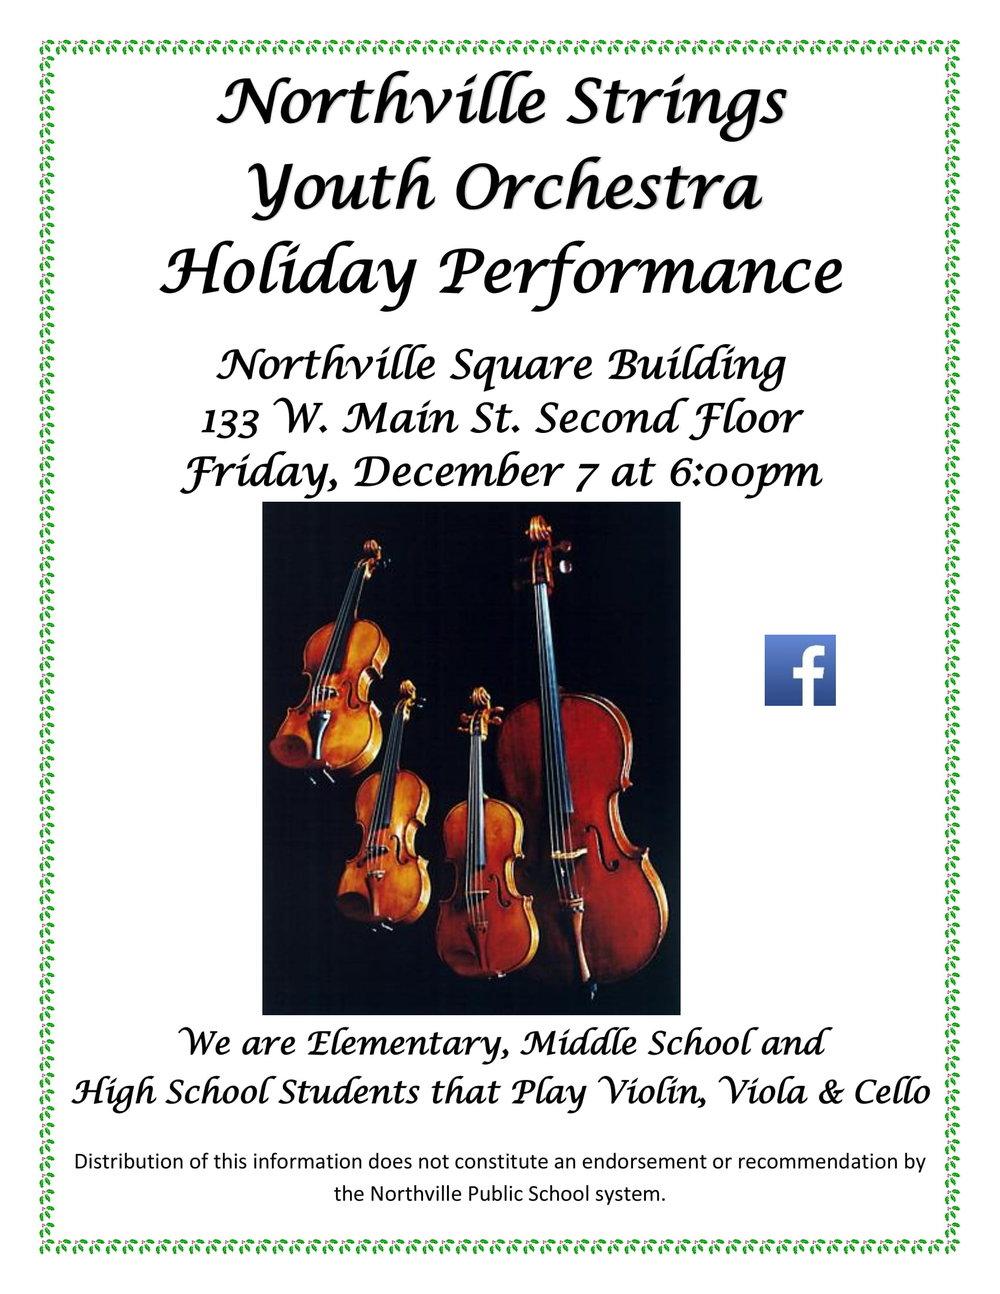 Northville-Square-Concert-Flyer-2018-1.jpg